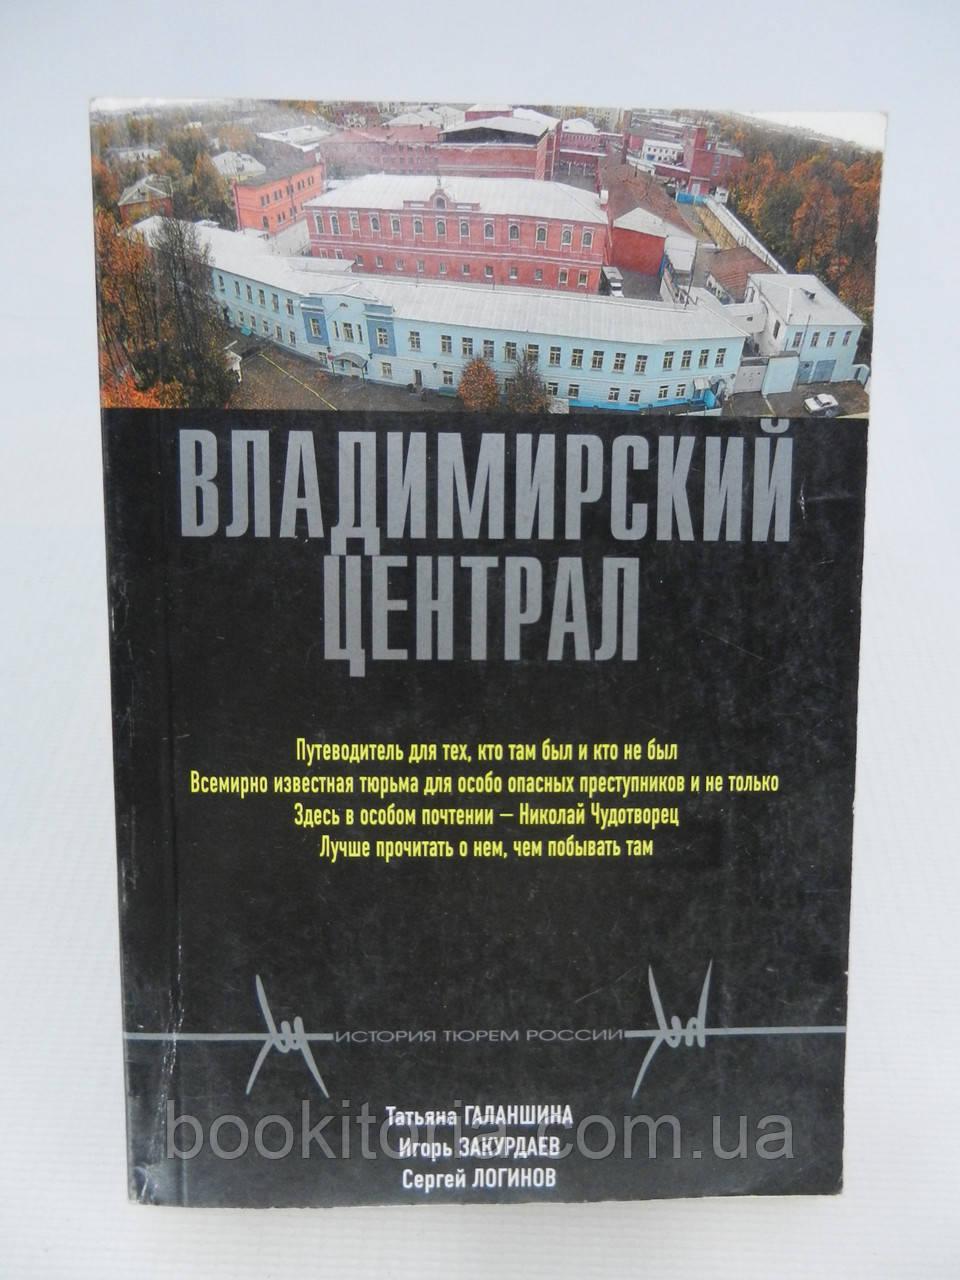 Галаншина Т.Г. и др. Владимирский централ (б/у).